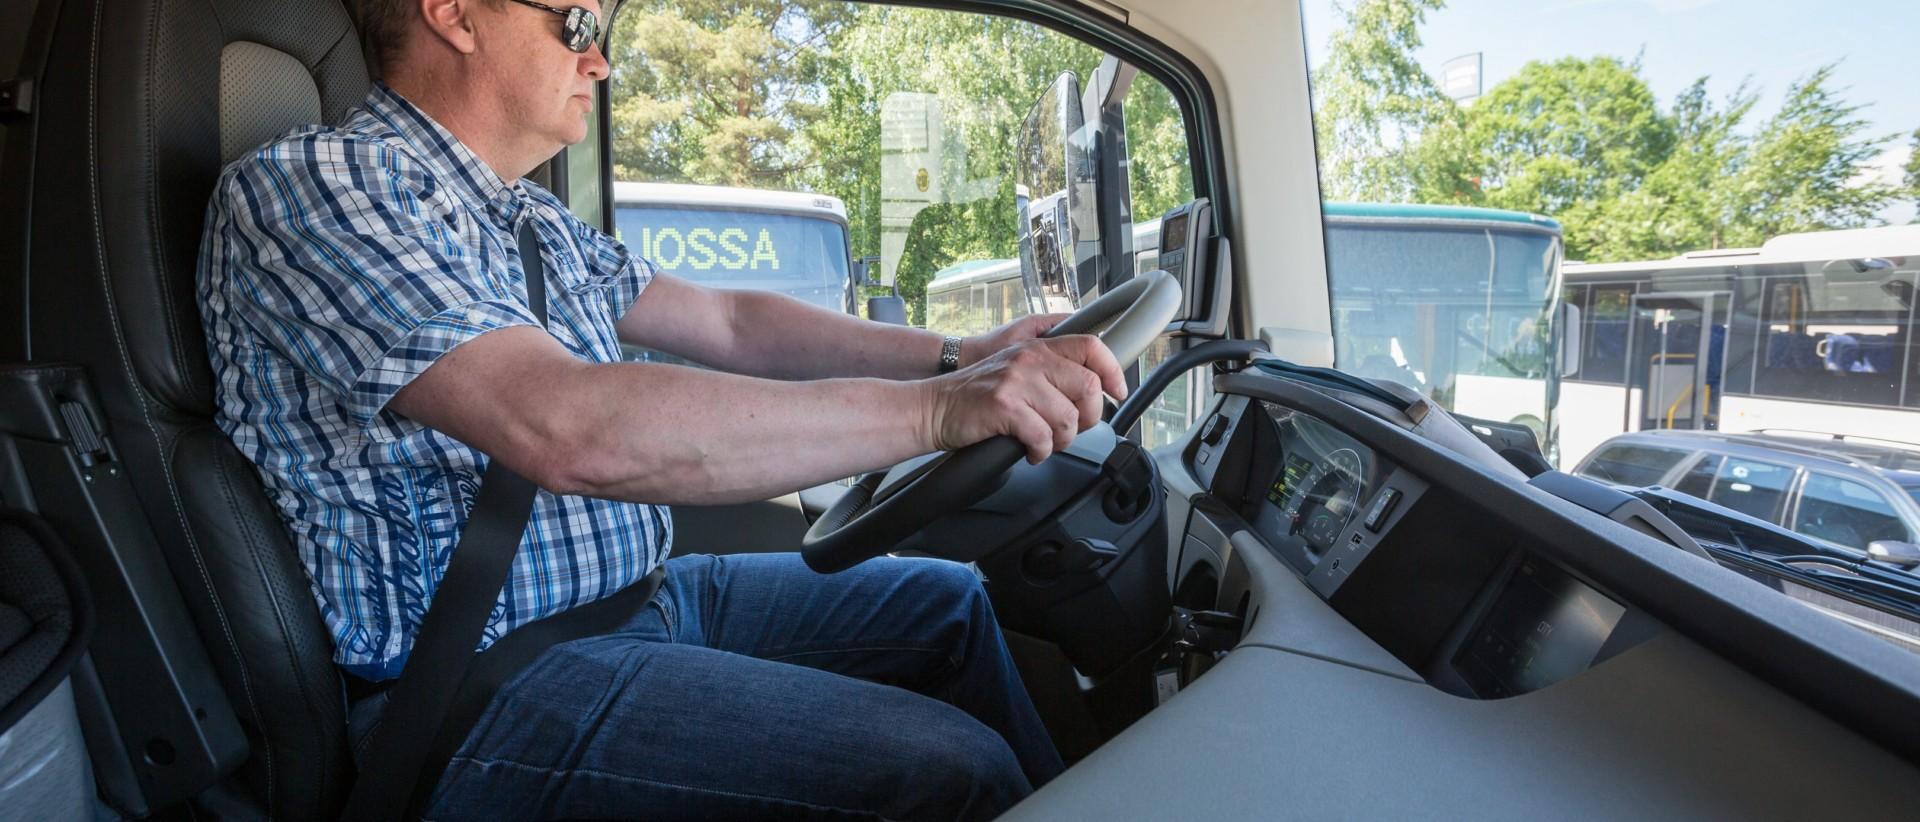 Kuvassa ammattikuljettaja ajossa. Kuva: Ville-Veikko Heinonen/Liikenneturva.